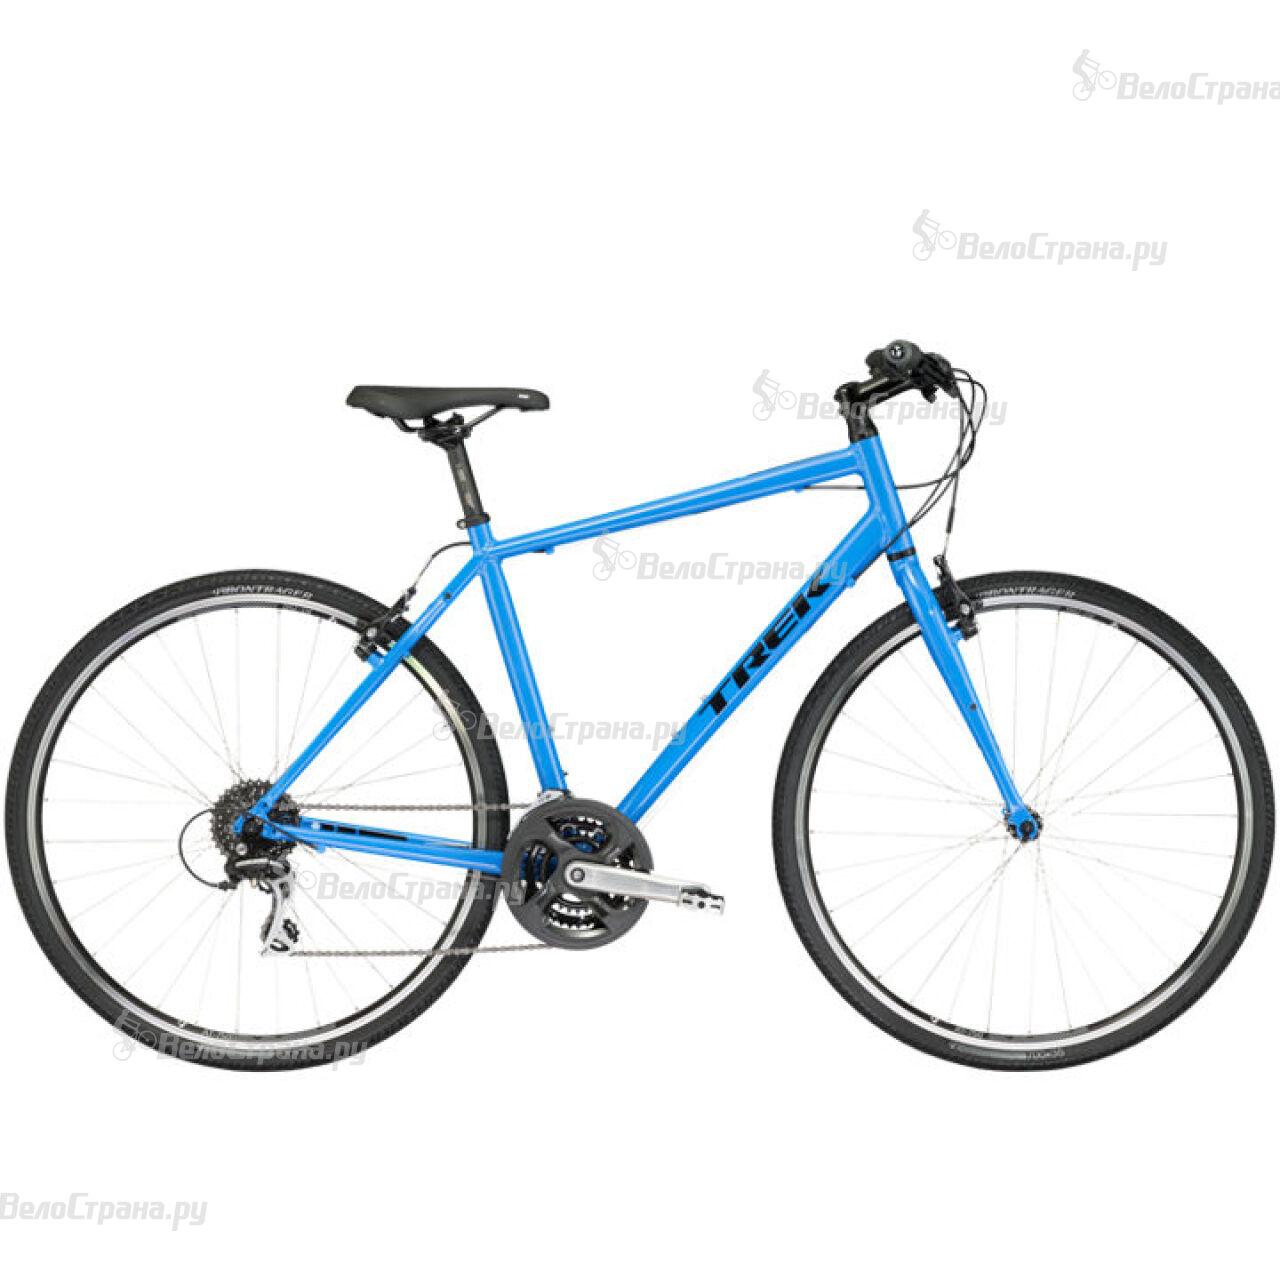 Велосипед Trek FX 2 (2017) велосипед trek fx 2 2017